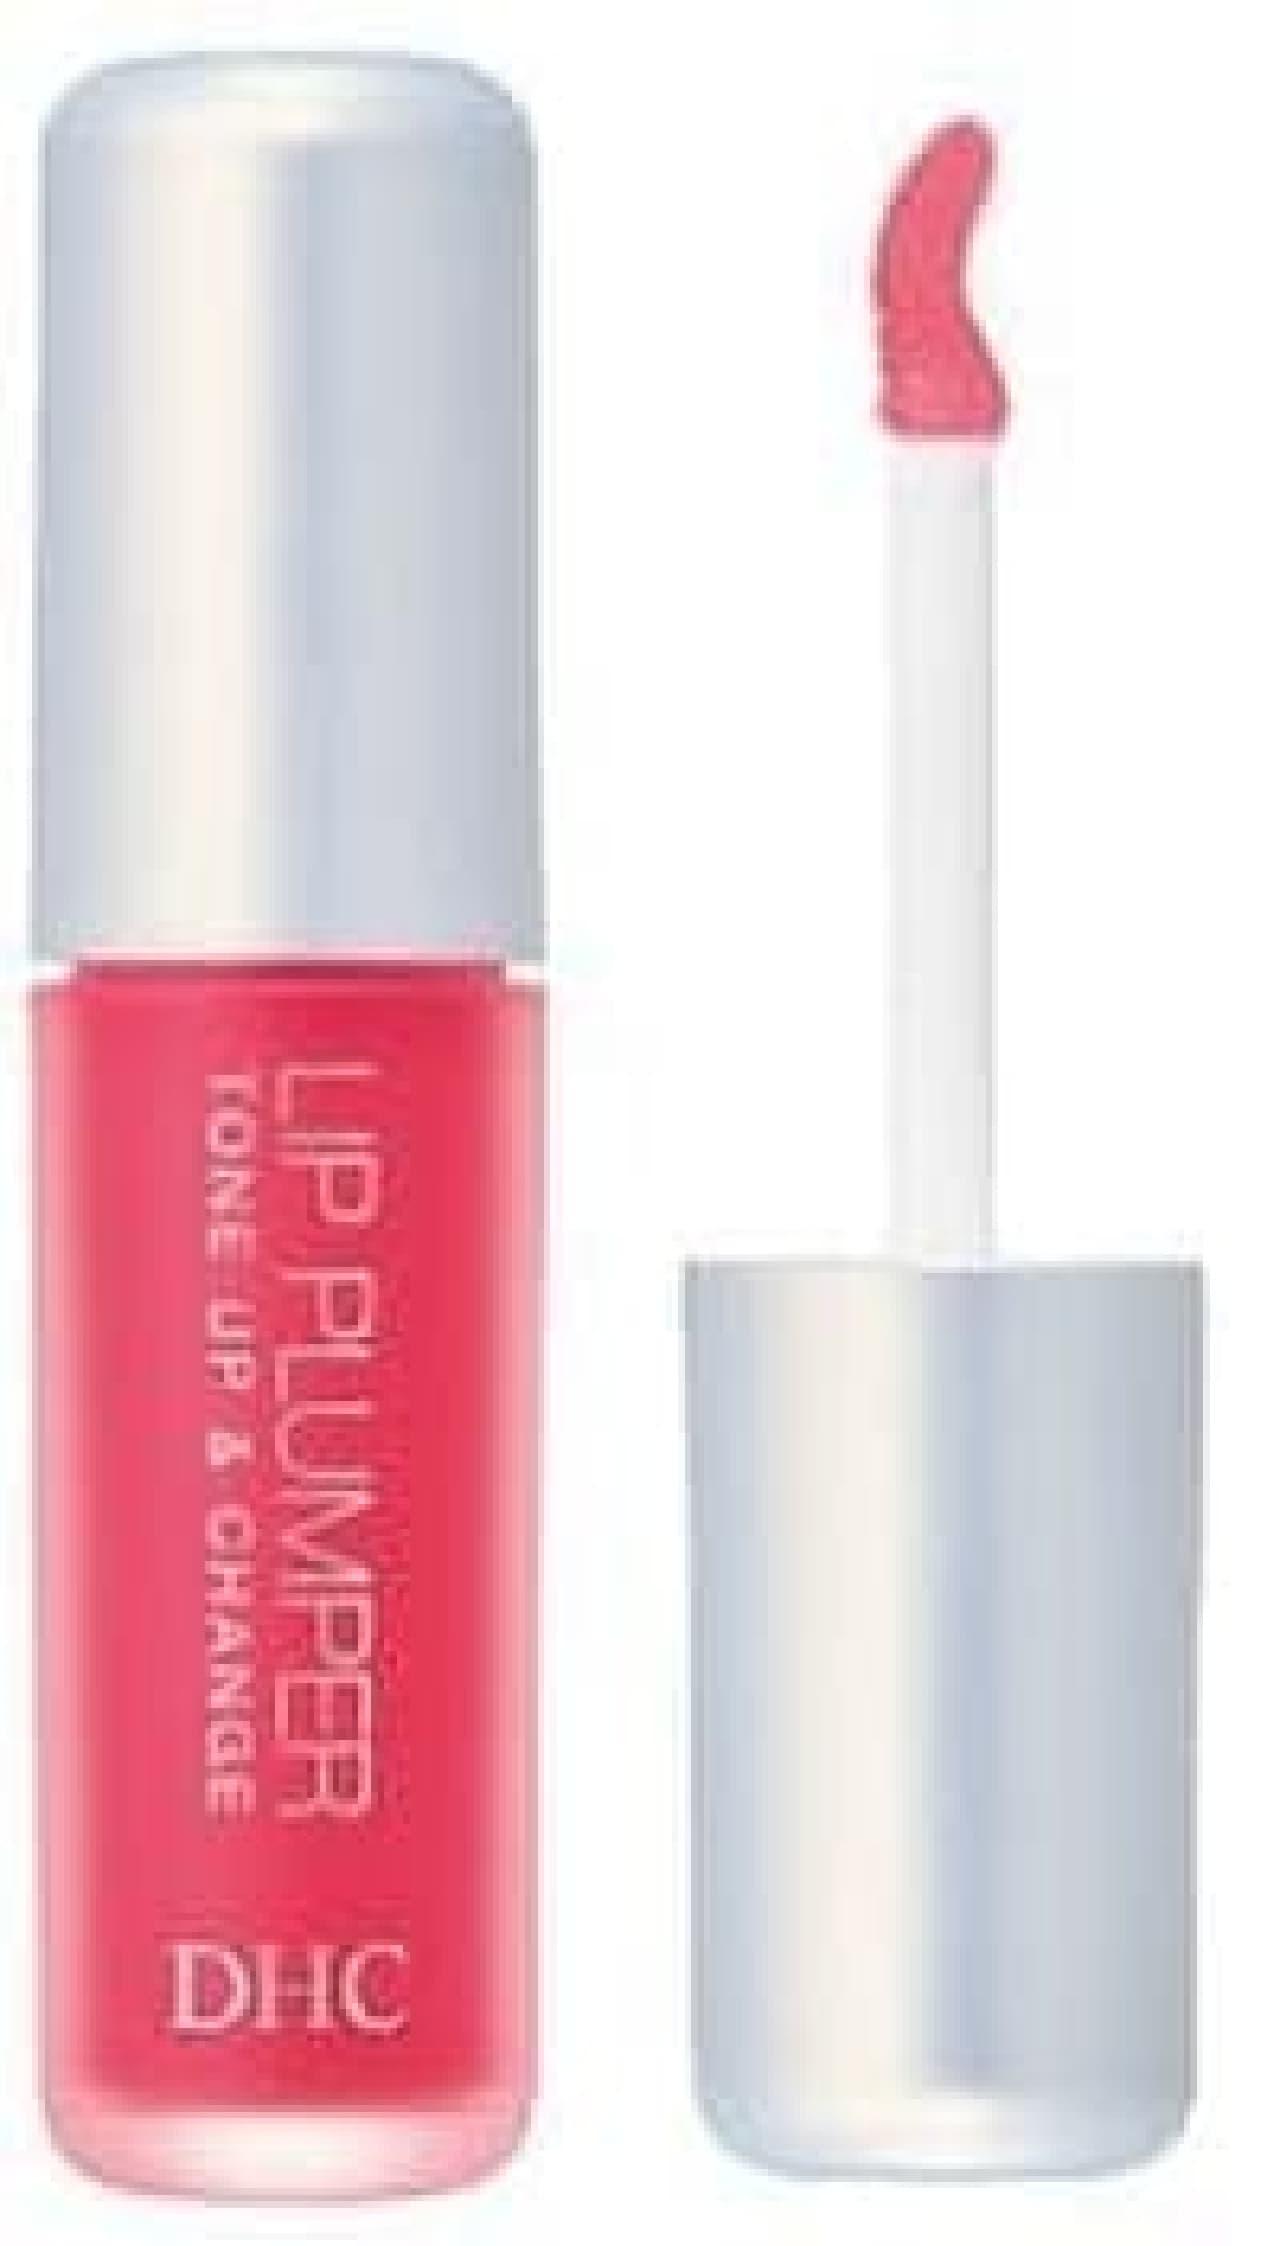 DHCの唇用美容液「リップ プランパー トーン アップ&チェンジ ローズ」